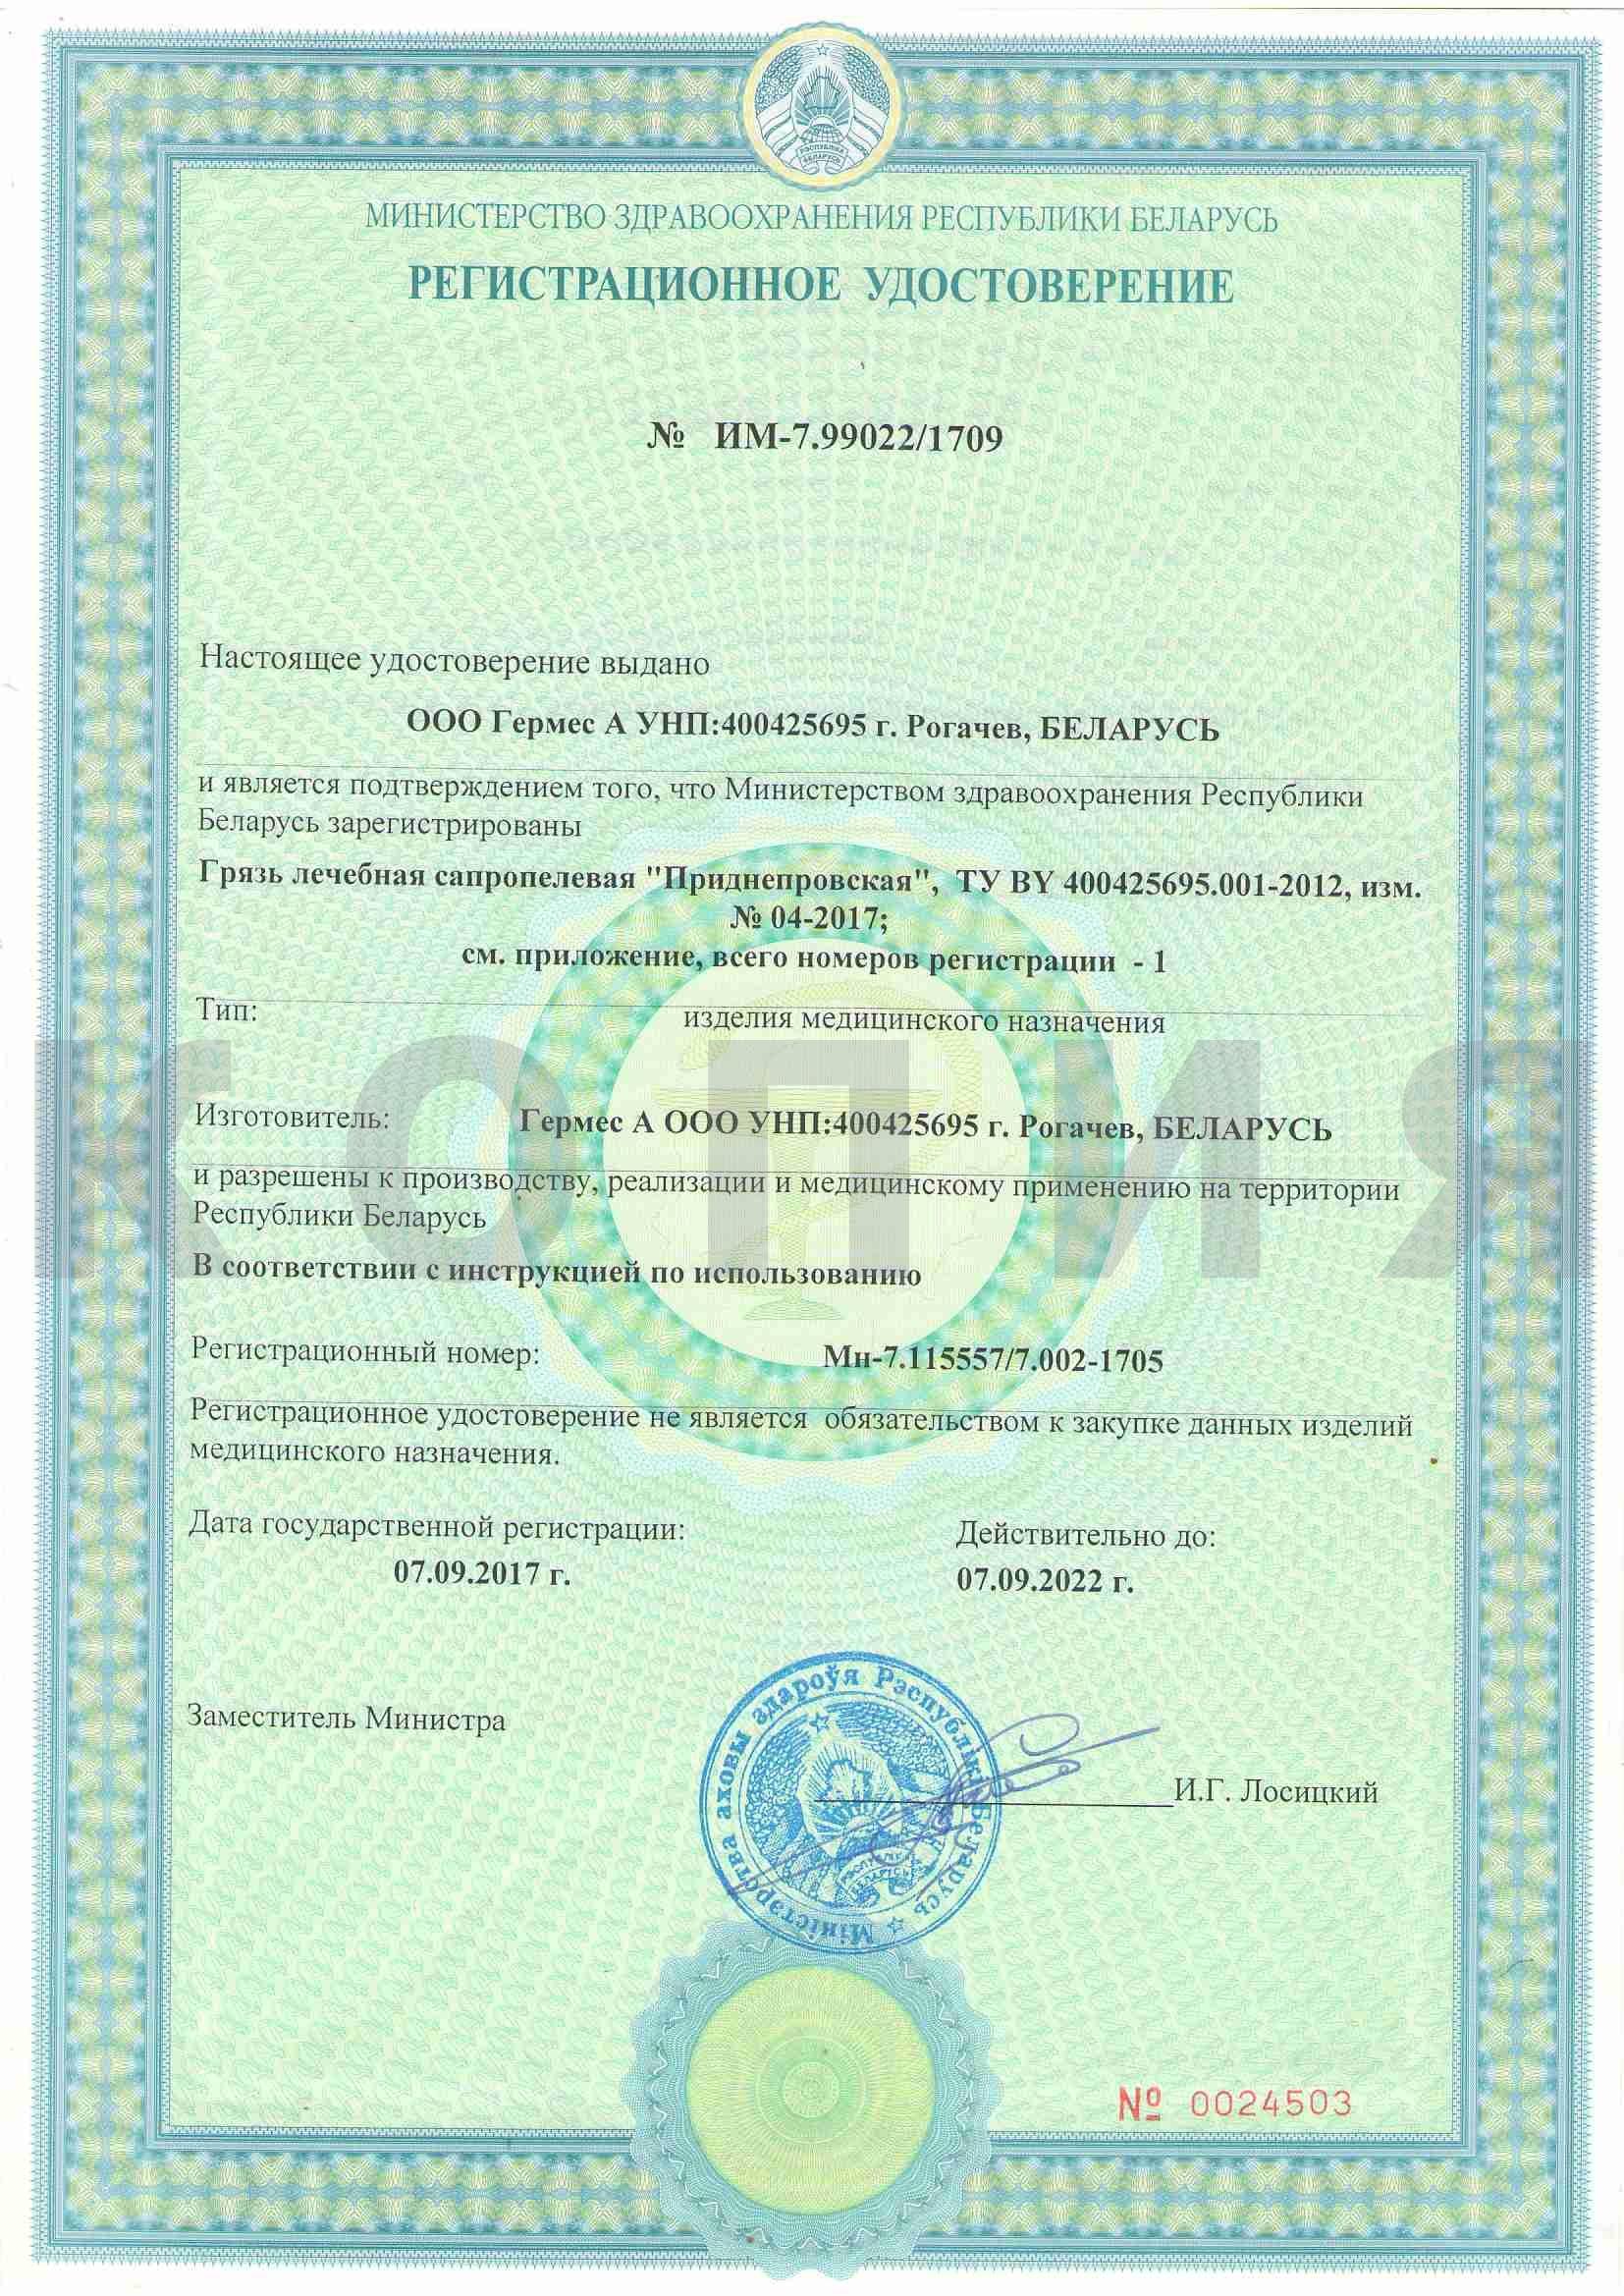 Регистрационное удостоверение на грязь лечебную сапропелевую Приднепровская